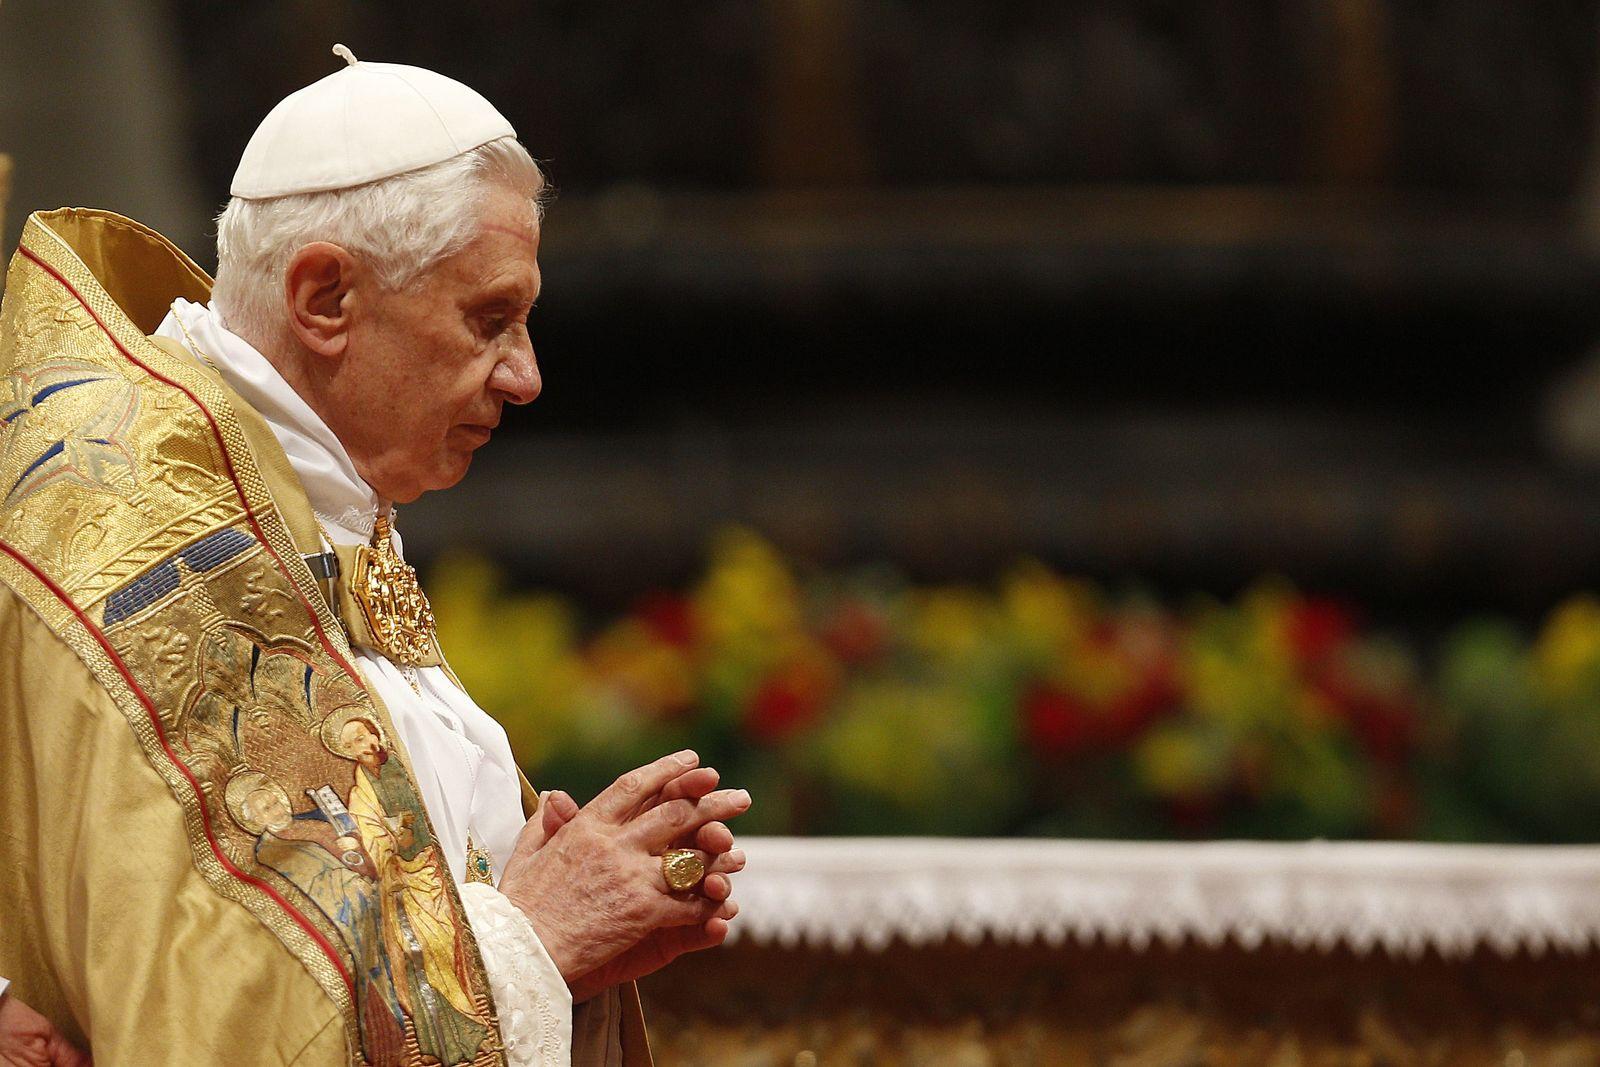 Papst seitlich